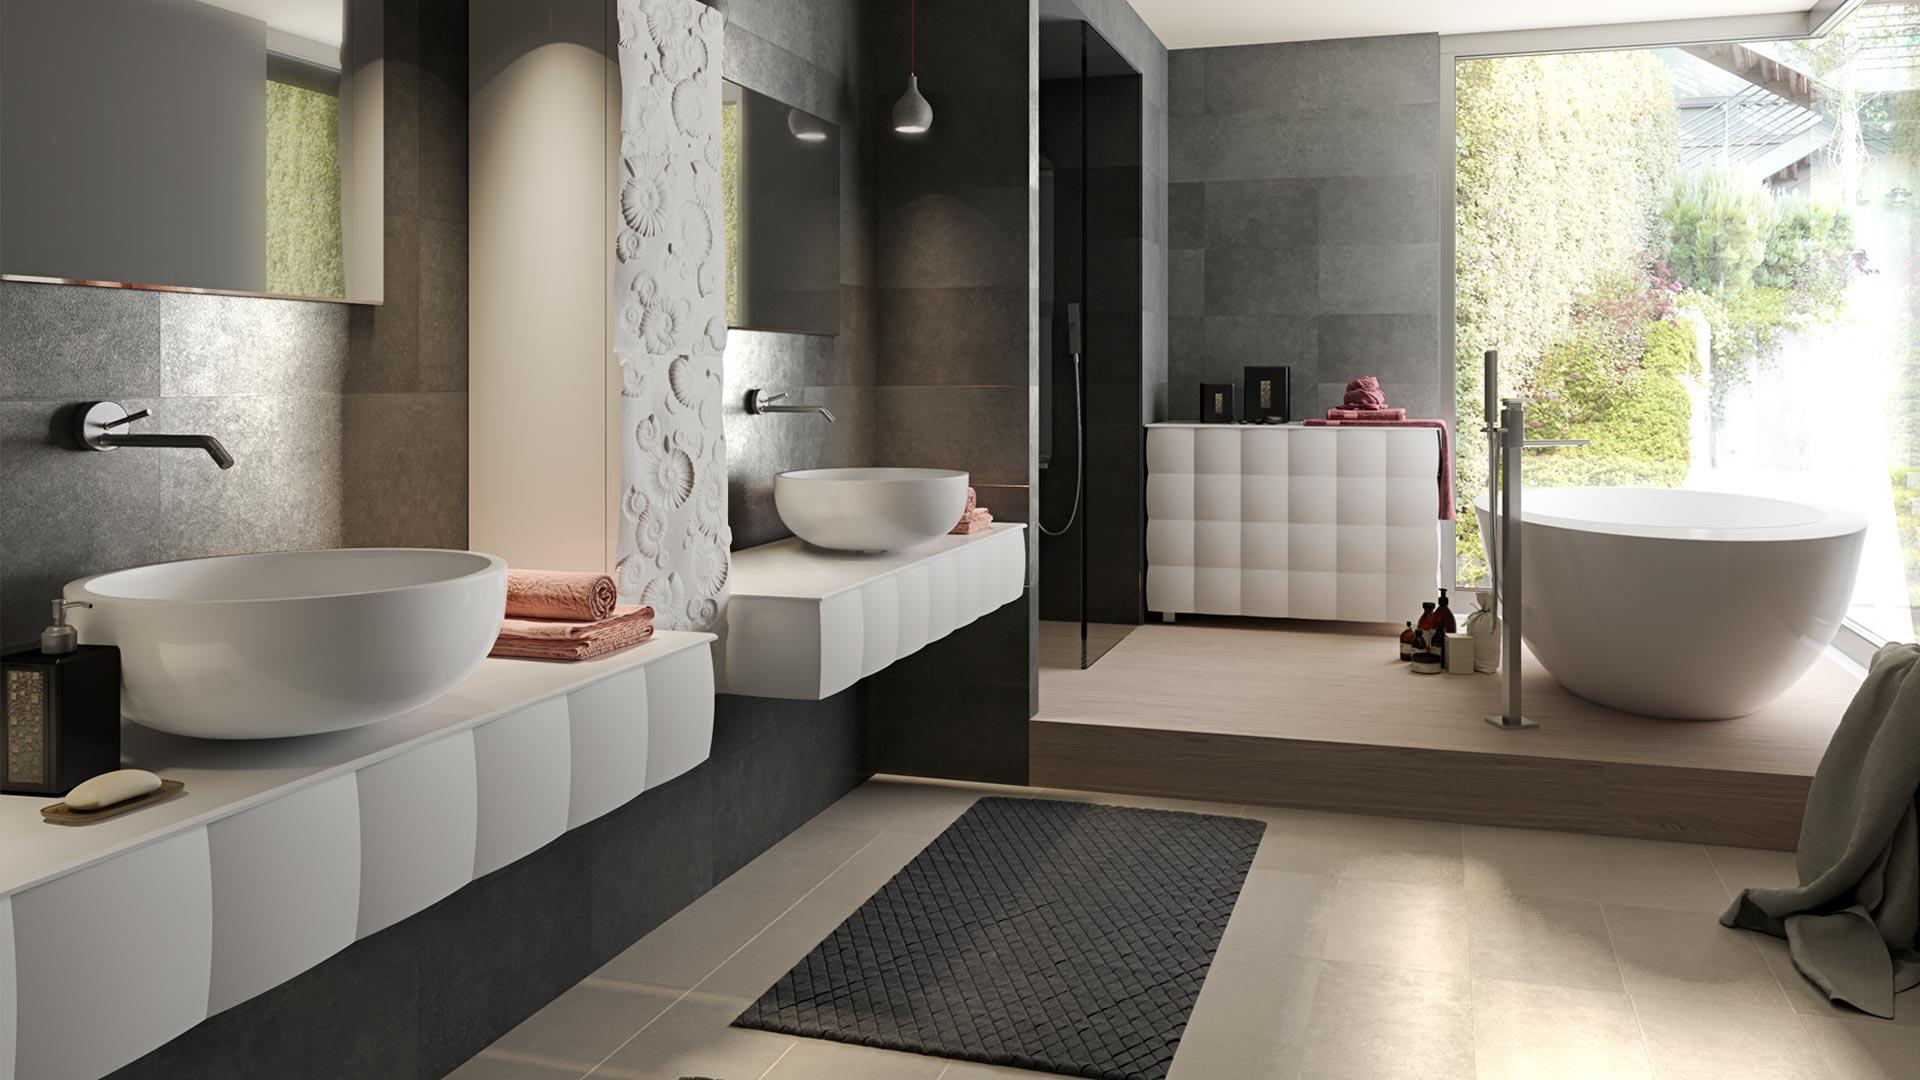 Il Bagno E La Casa Design E Arredo By Bianchini Capponi